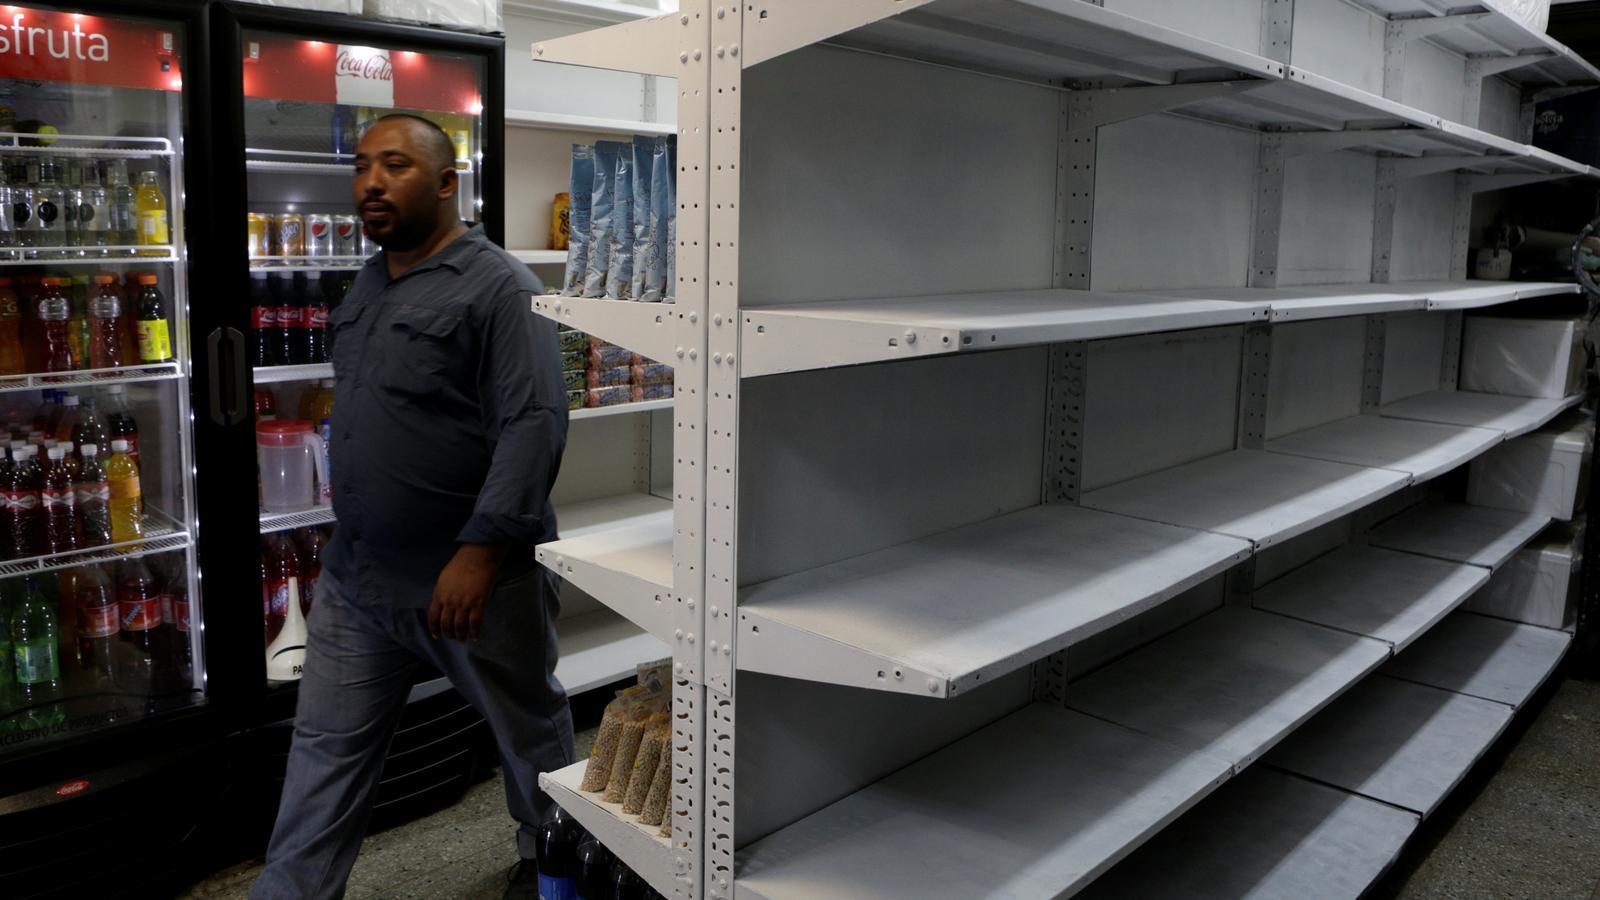 Manca de productes a un supermercat veneçolà